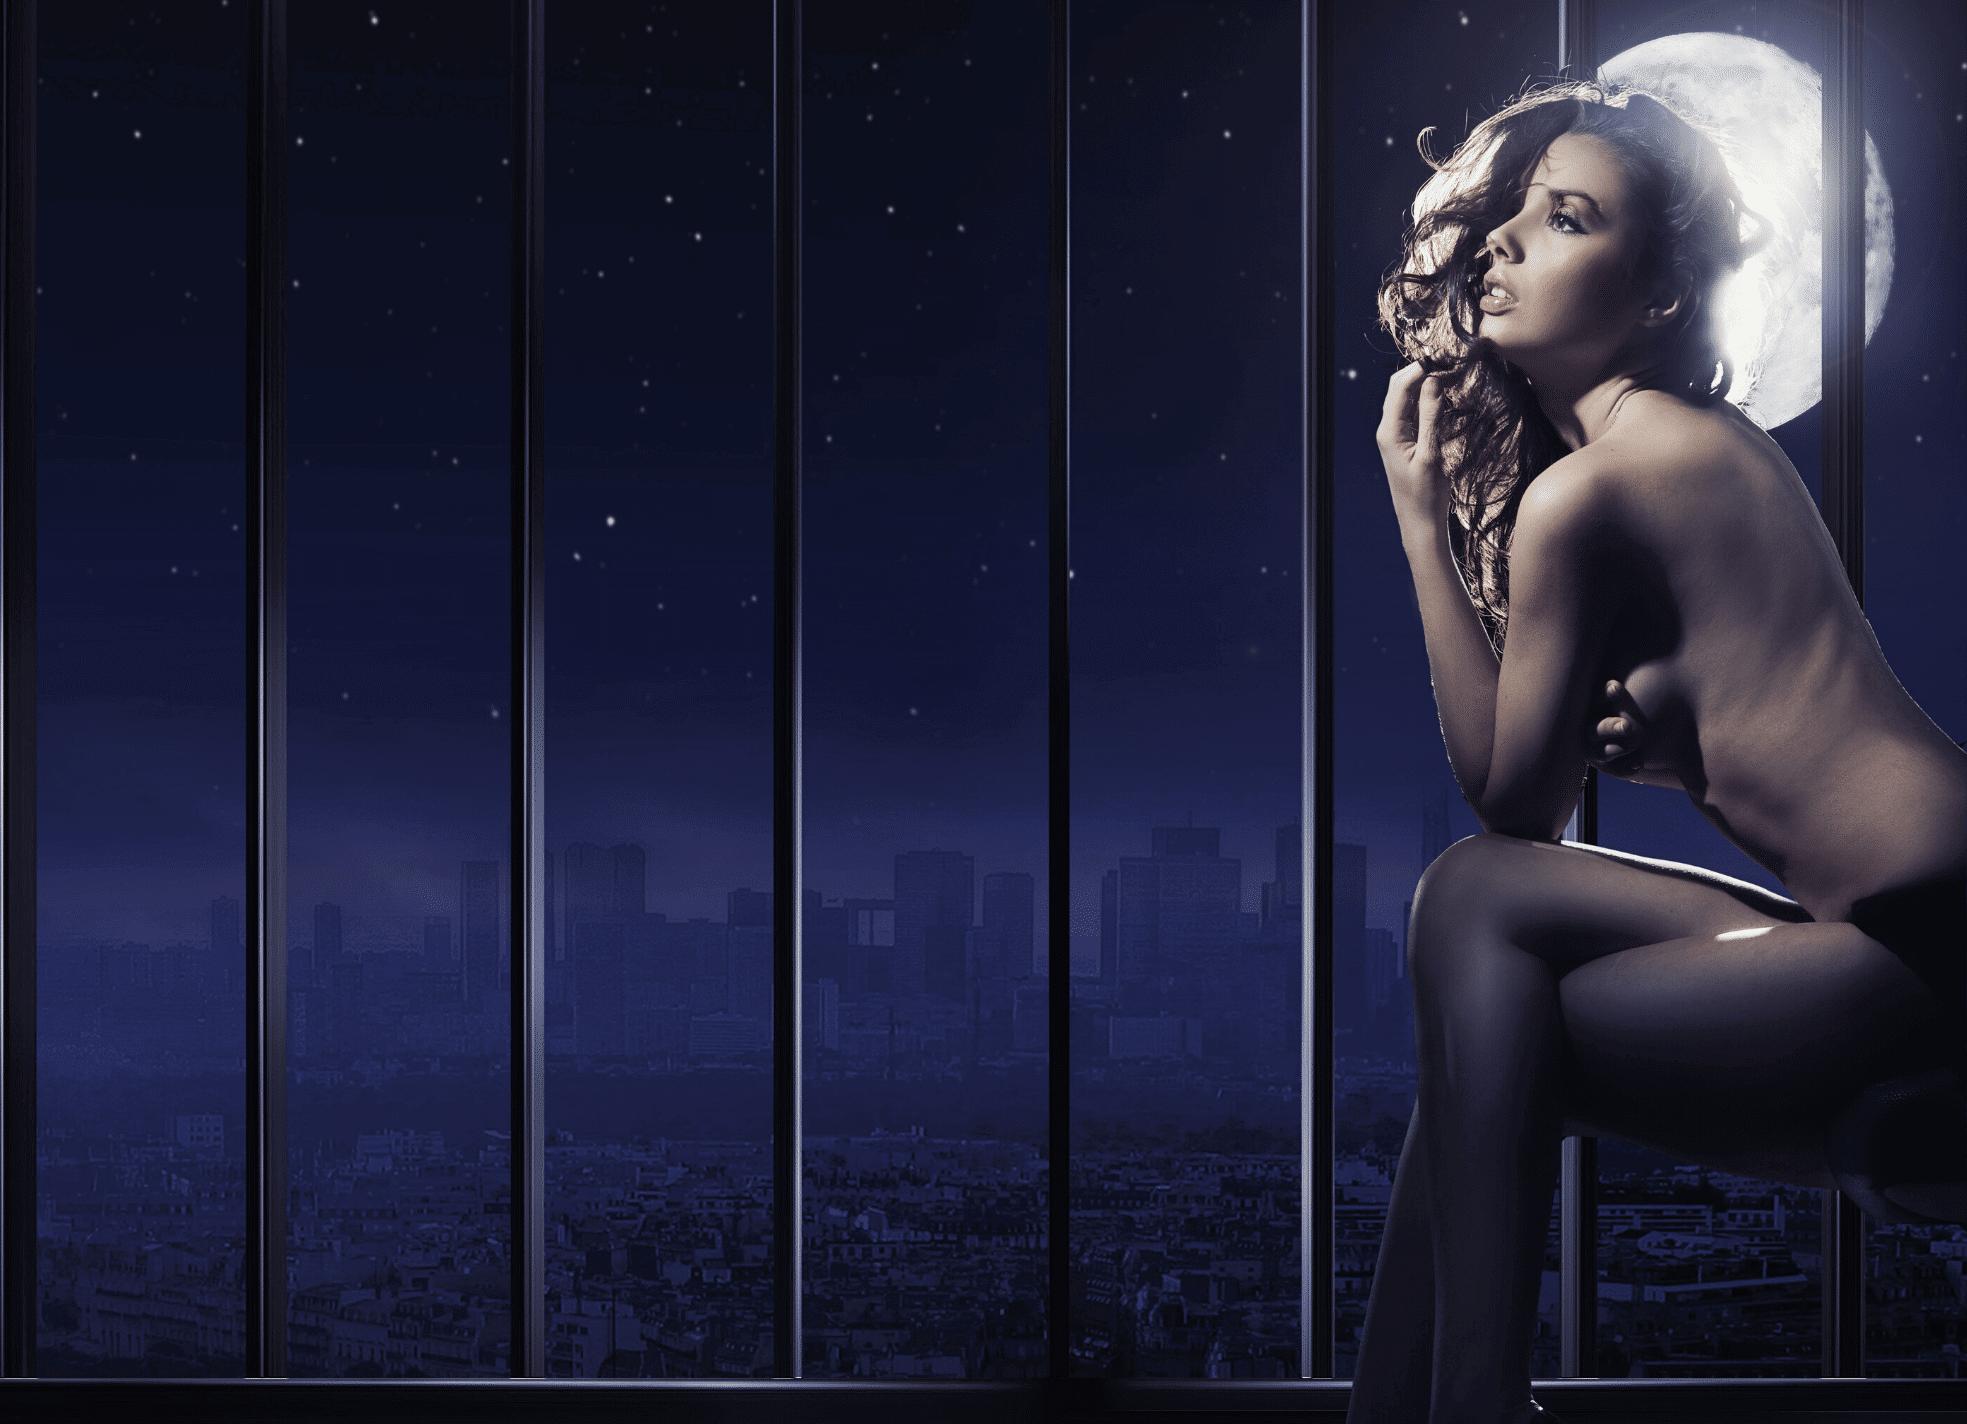 femme nue éclairé par la lune